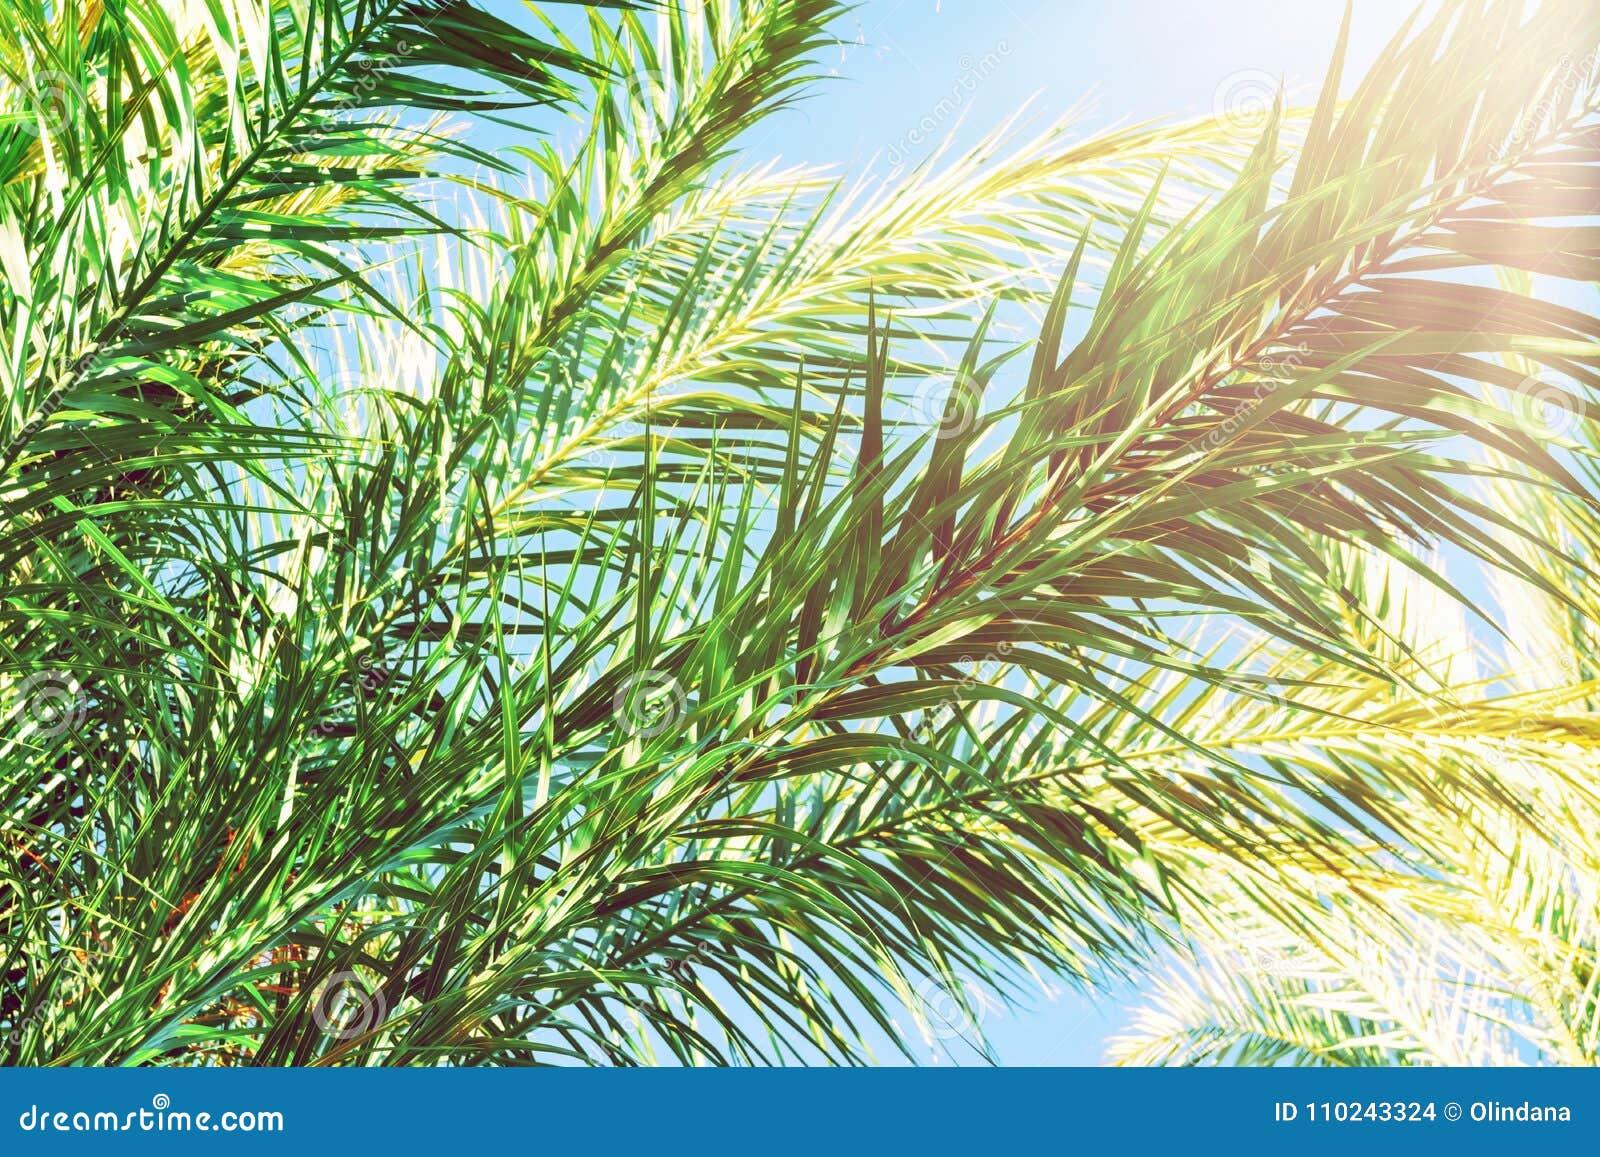 Lange Stekelige Luchtige Takken van Palmen op Heldere Blauwe Hemelachtergrond Gouden Roze Peachy Pastelkleurzonlicht Tropisch Geb